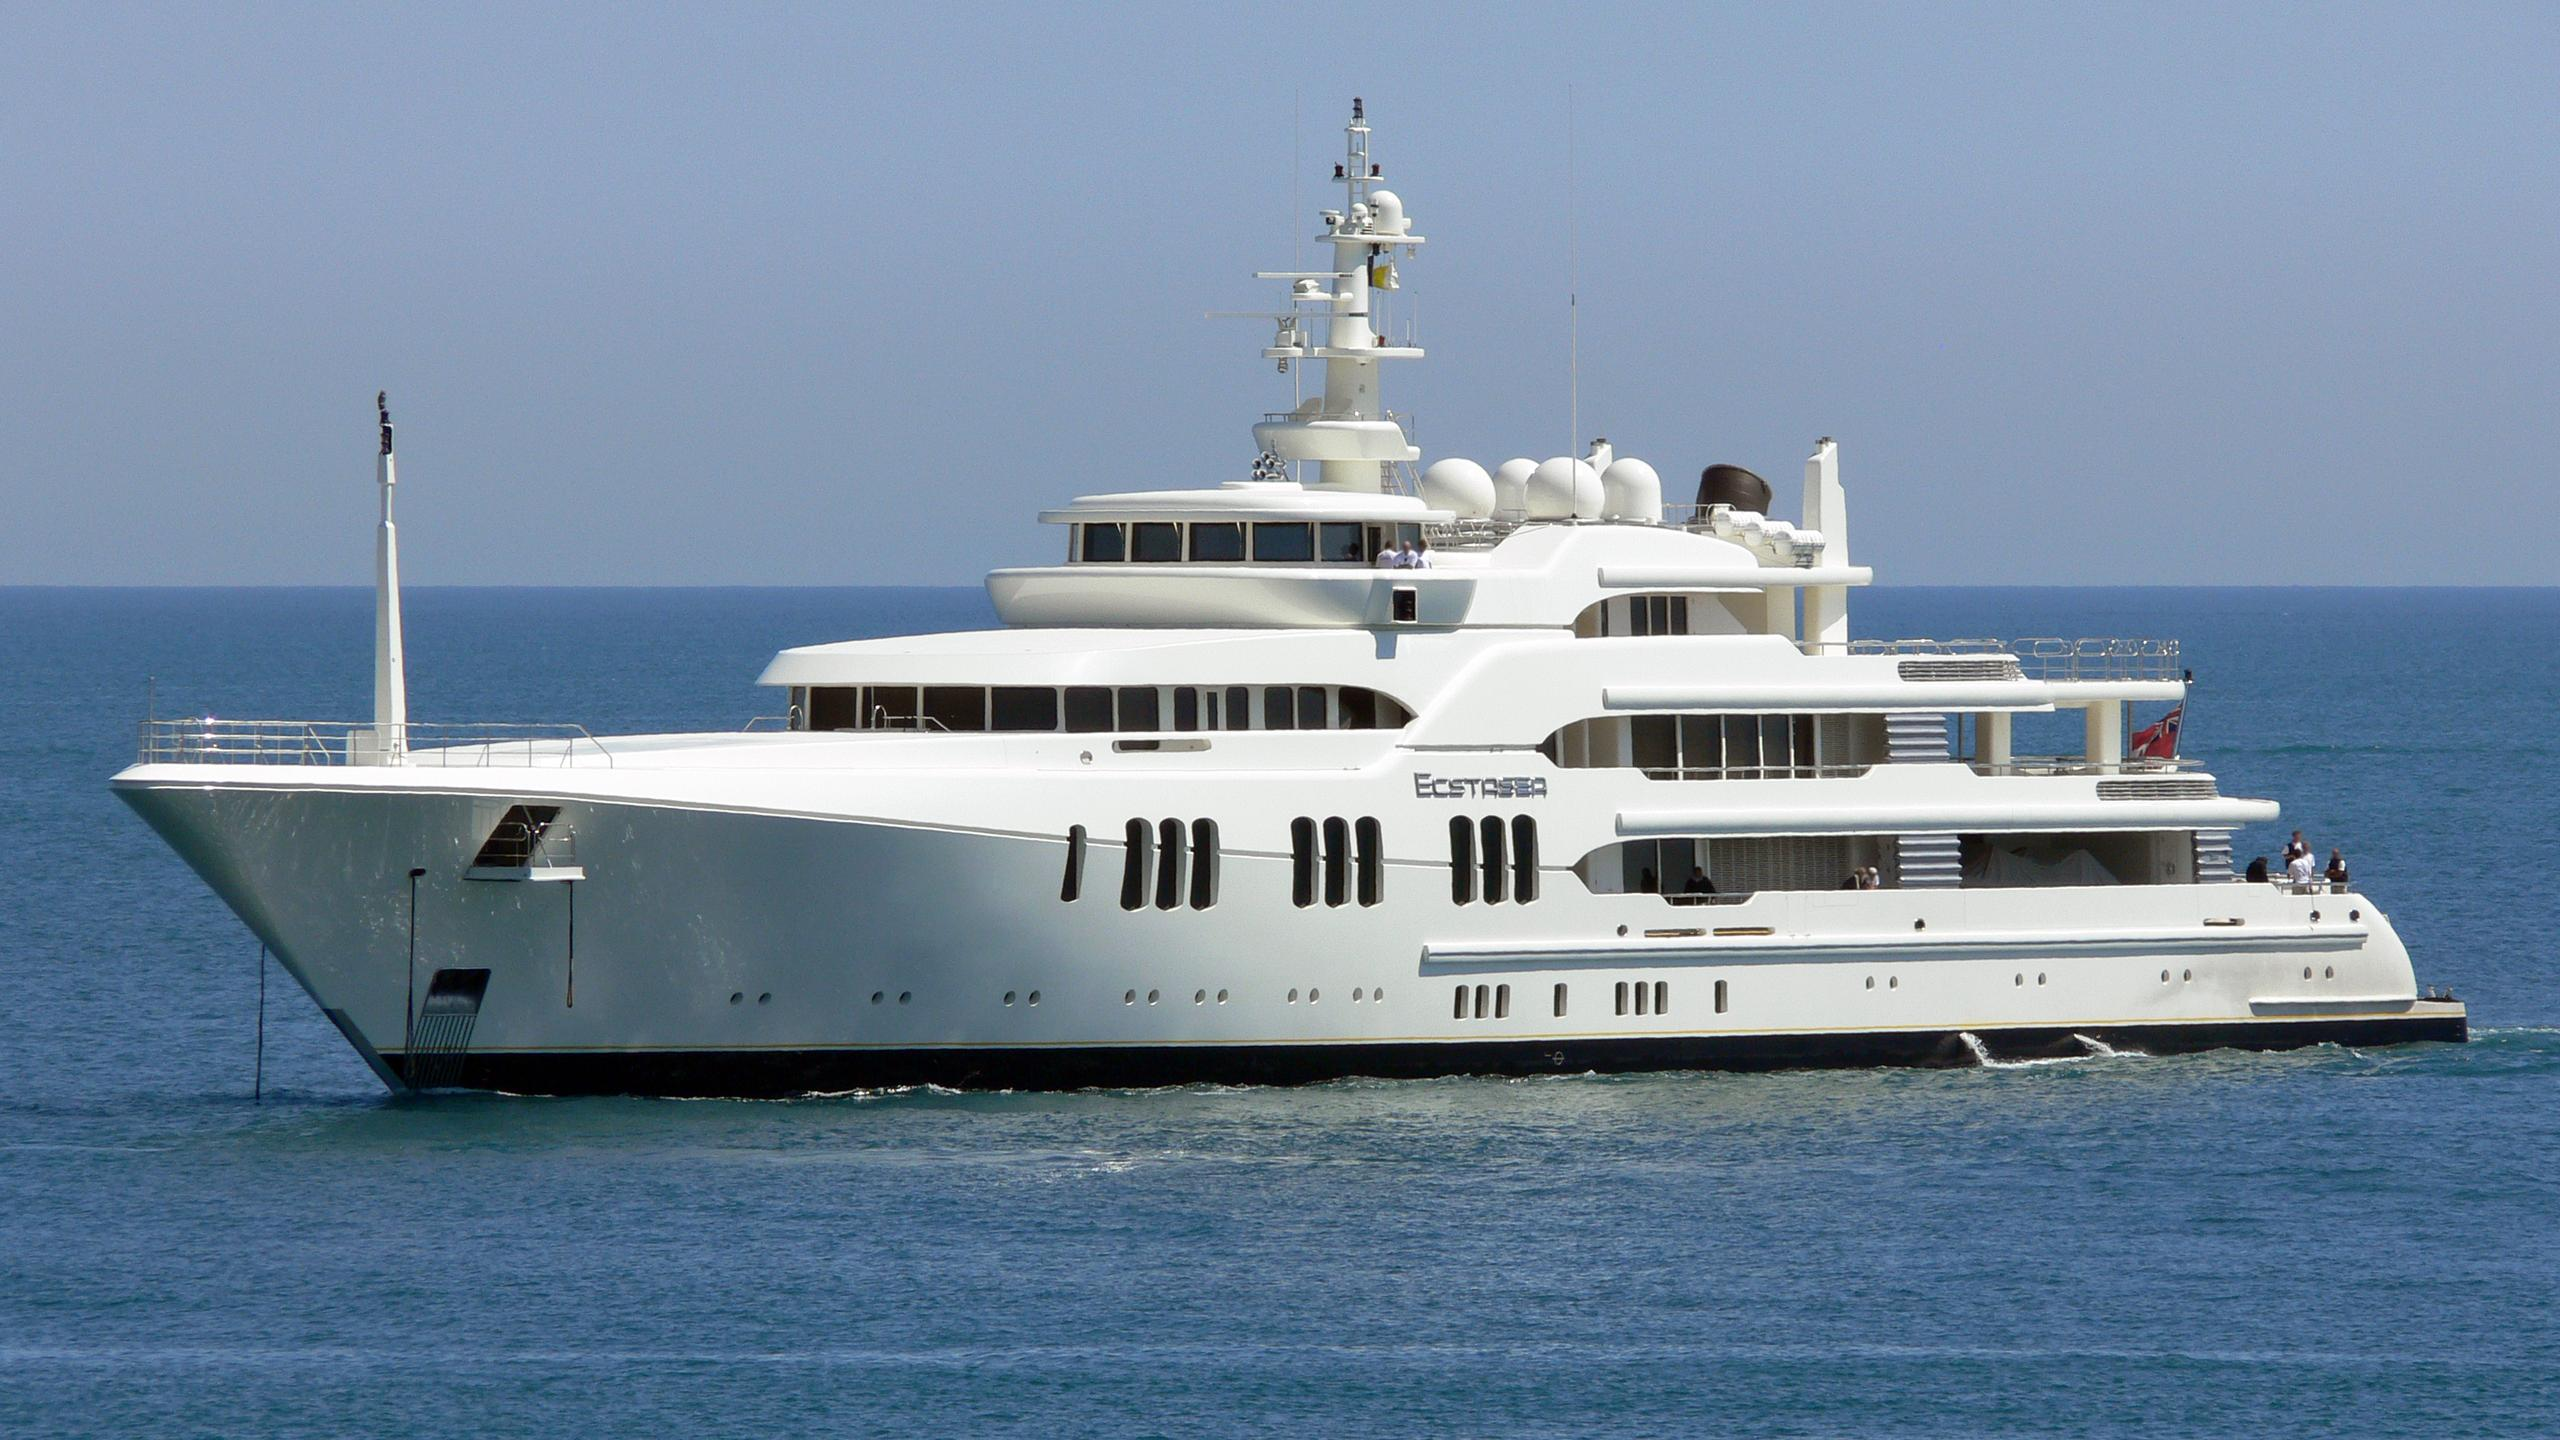 ecstasea-yacht-exterior